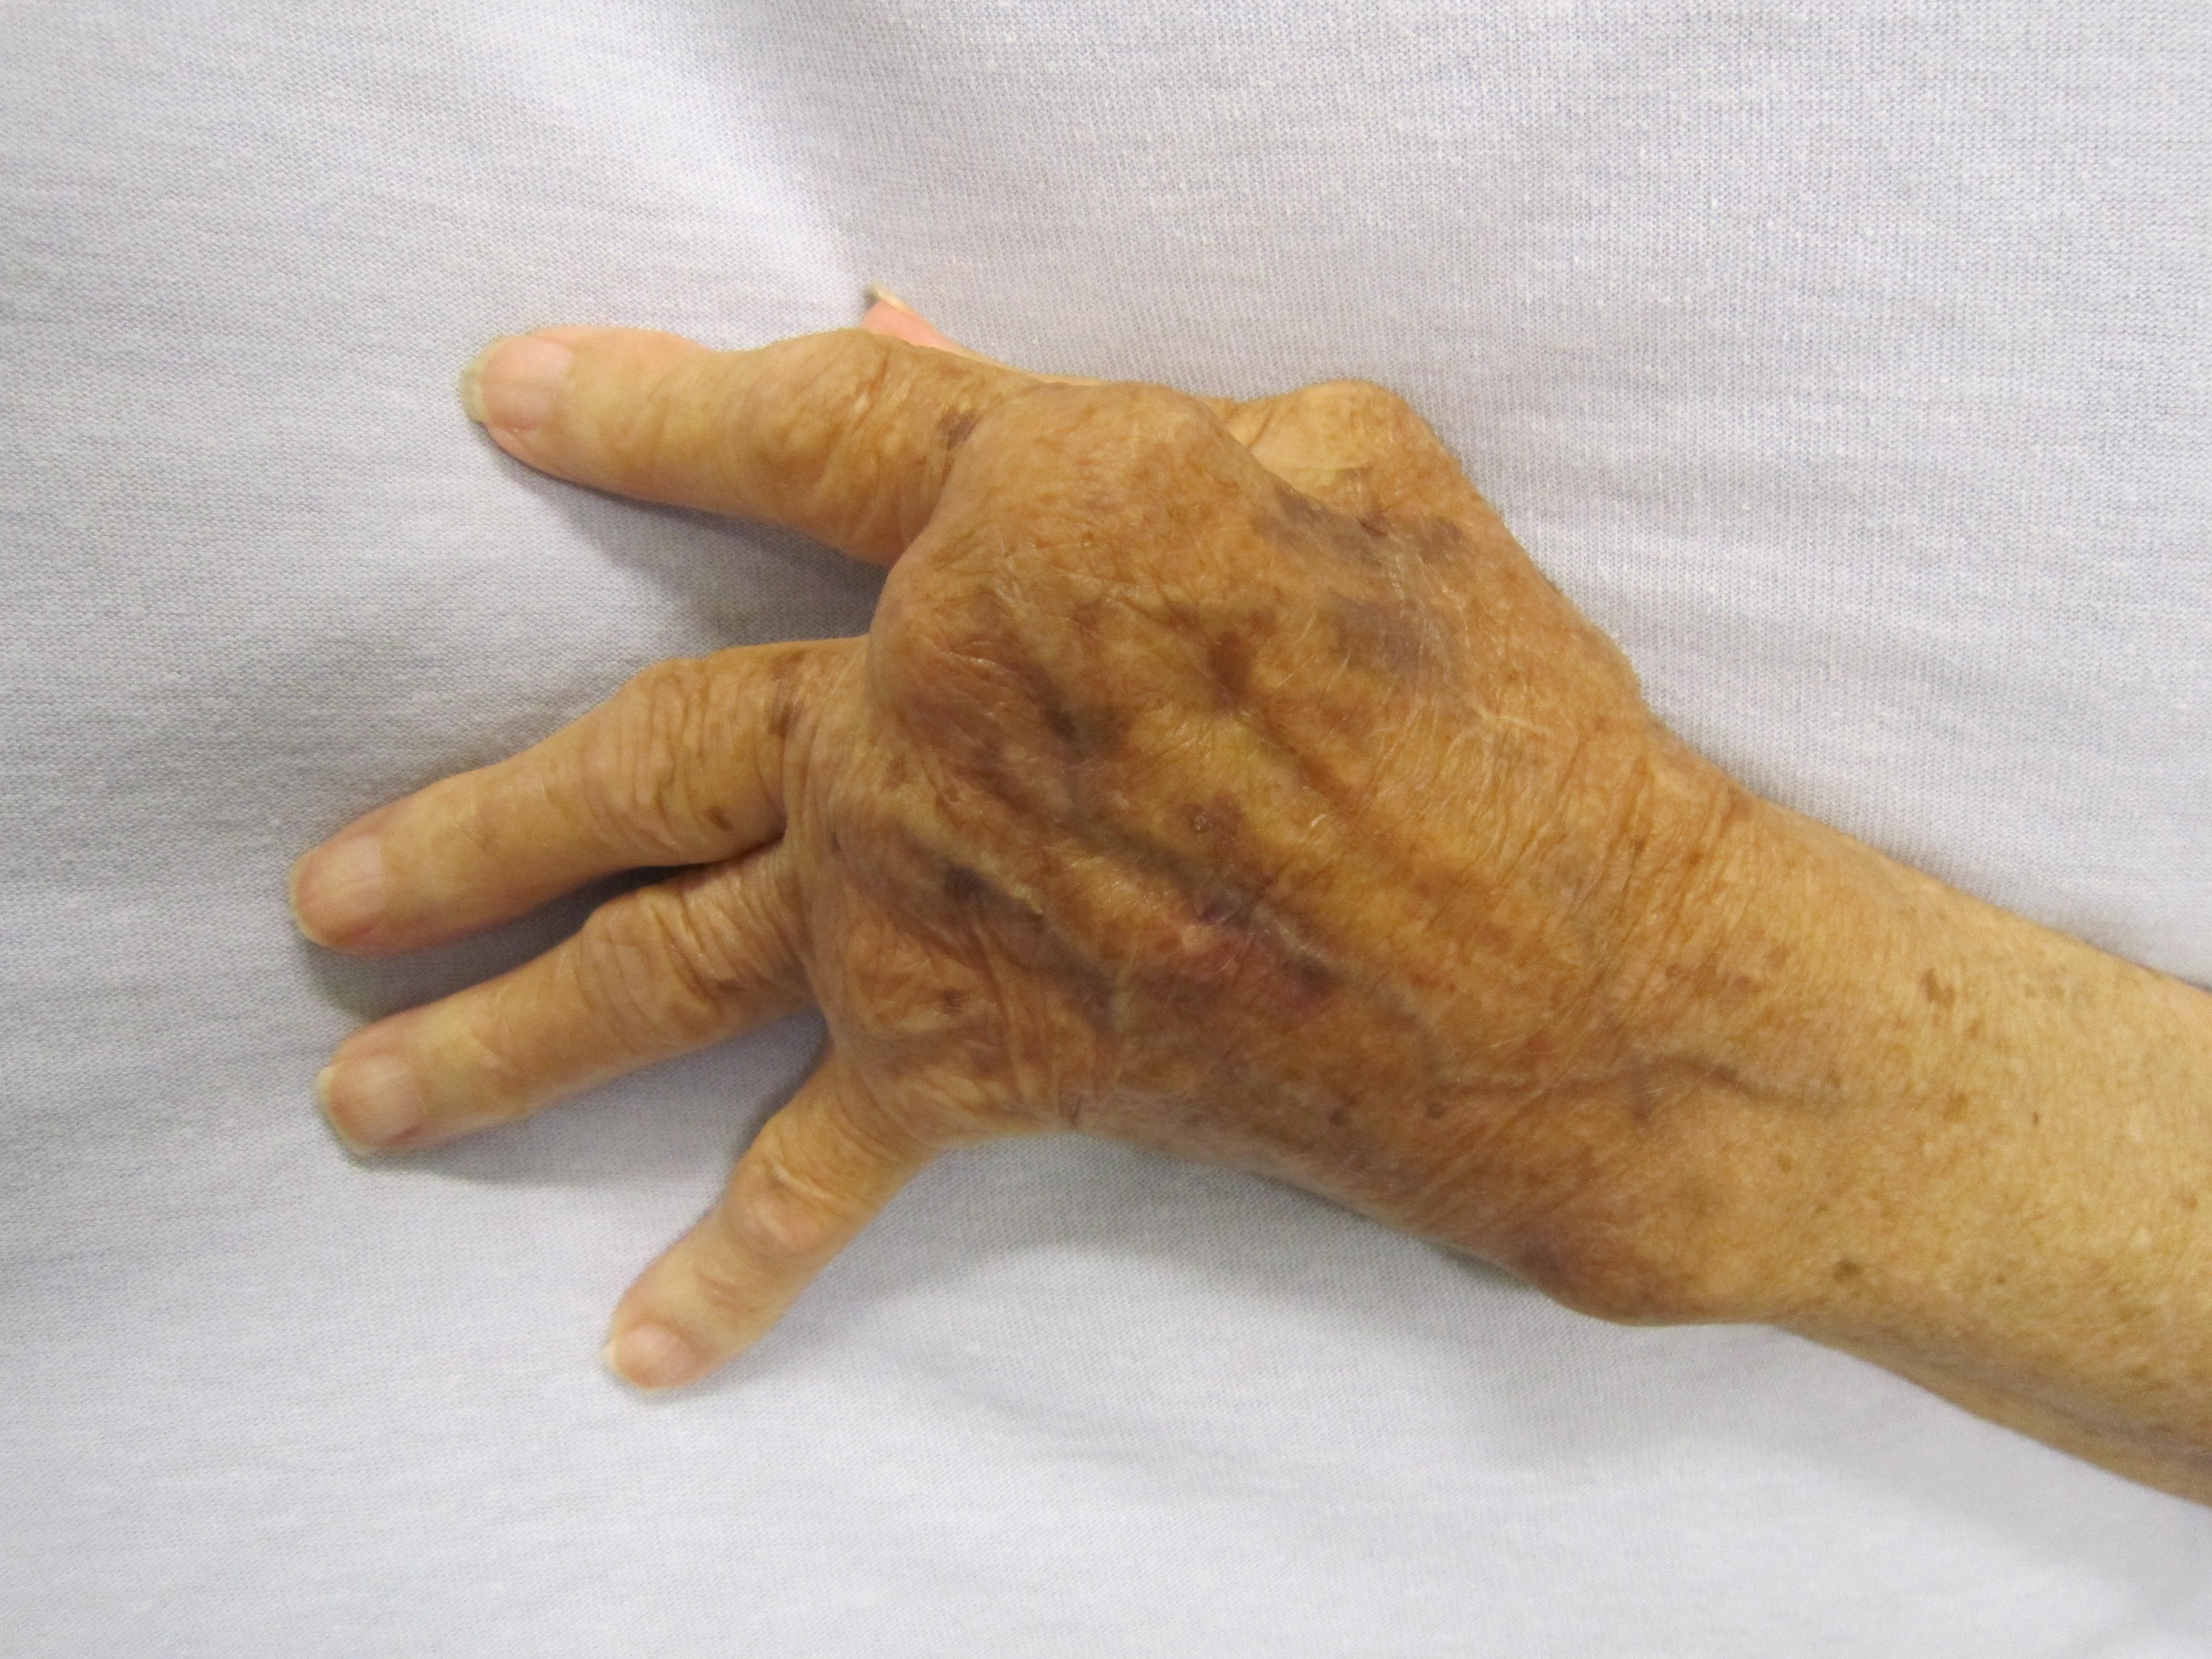 fájdalom az ujjak ízületeiben, vérszegénységgel